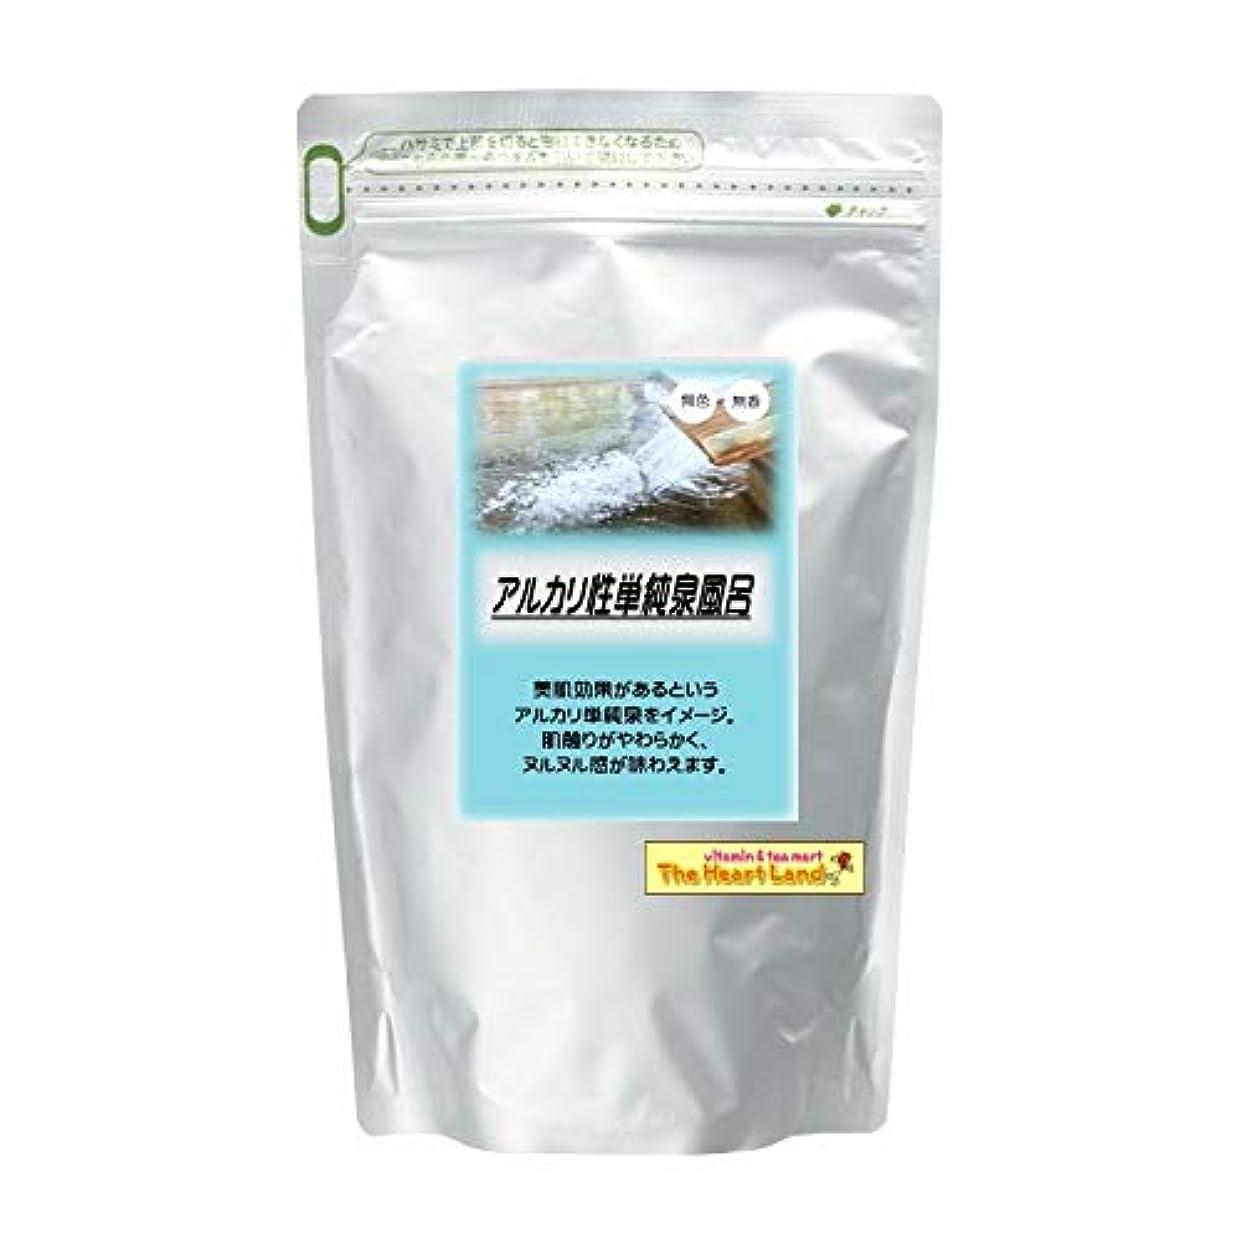 東ティモールに対処する環境保護主義者アサヒ入浴剤 浴用入浴化粧品 アルカリ性単純泉風呂 2.5kg